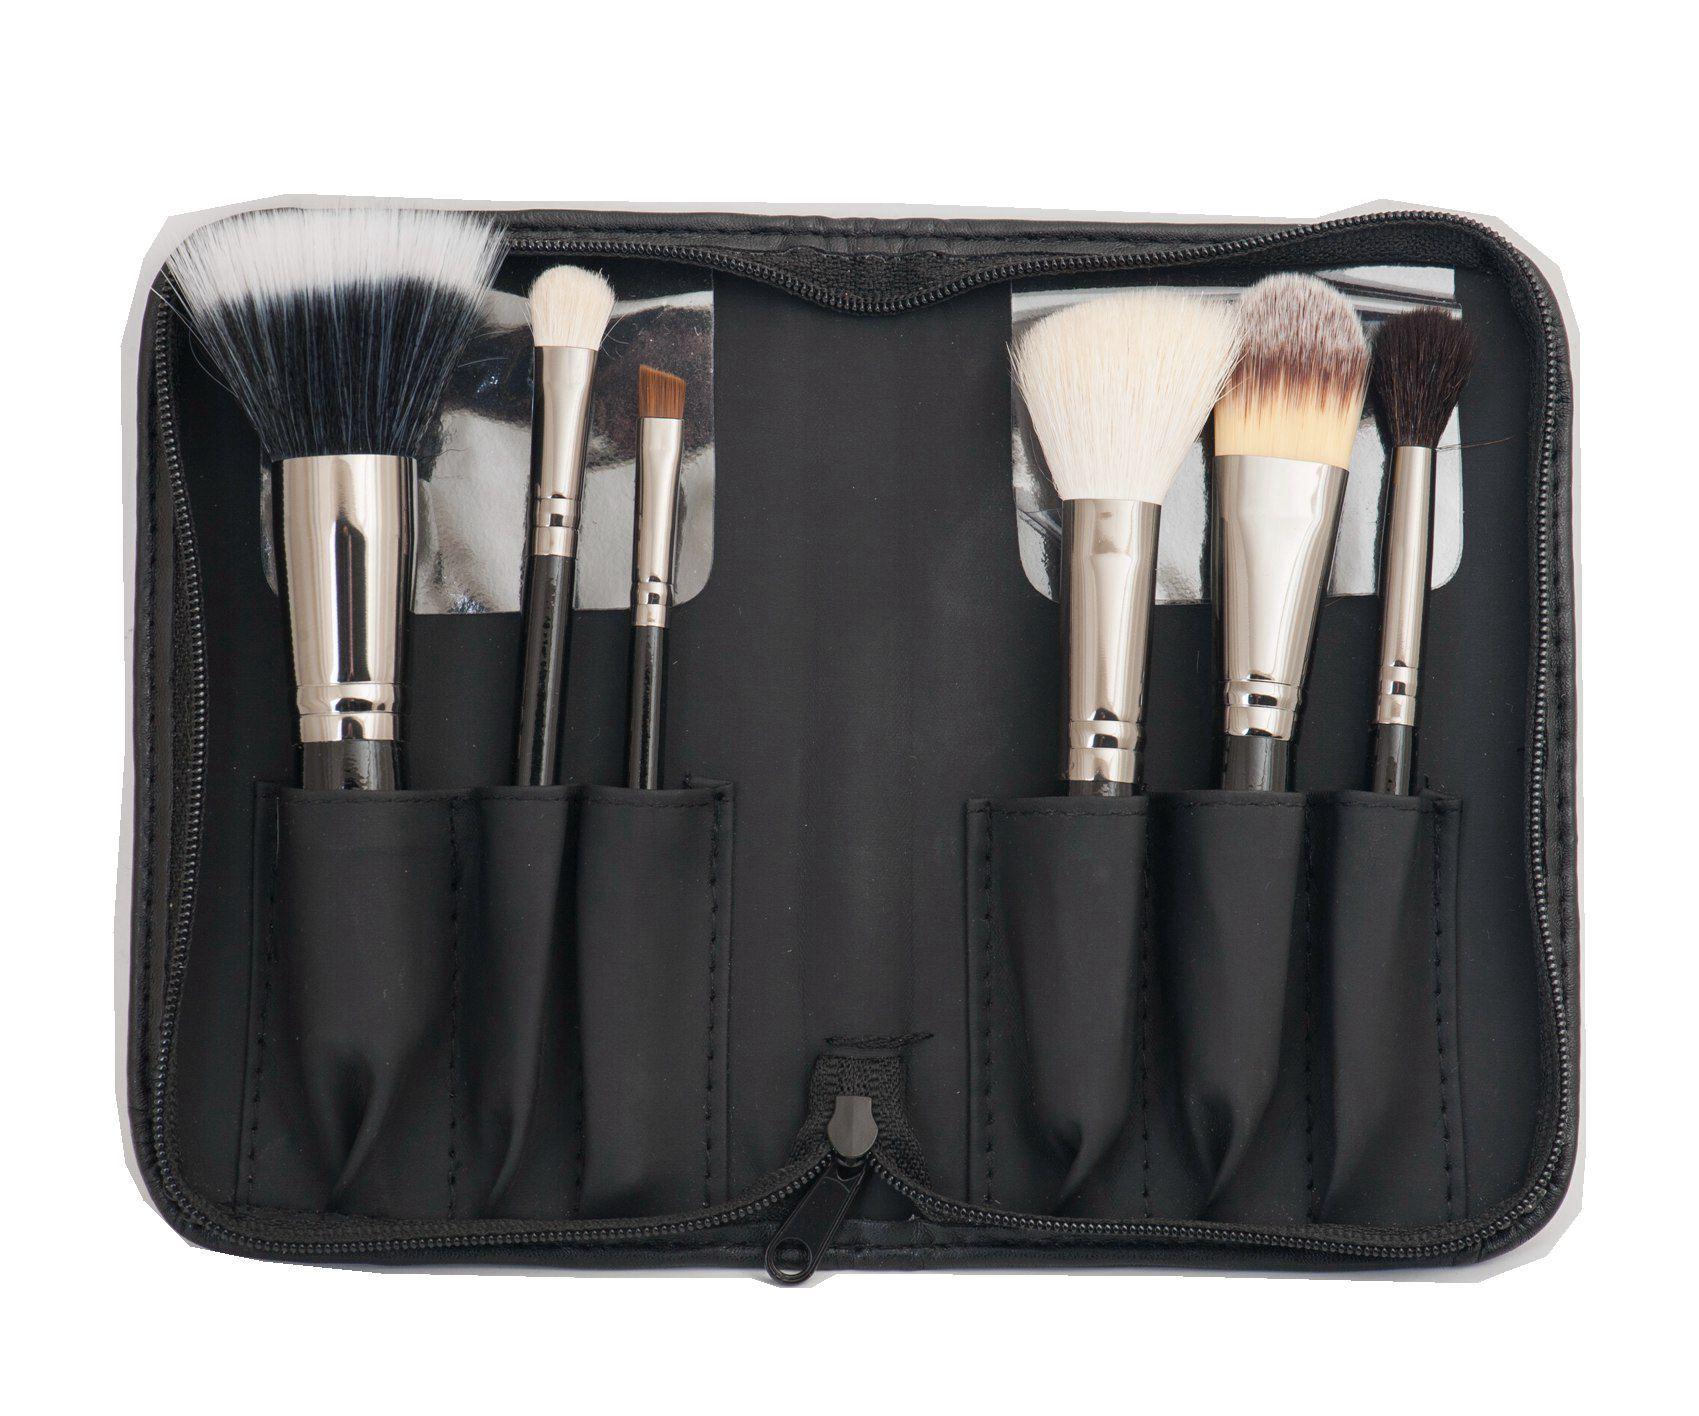 6PCS Travel Makeup Brush with Gun Metal Color Ferrule